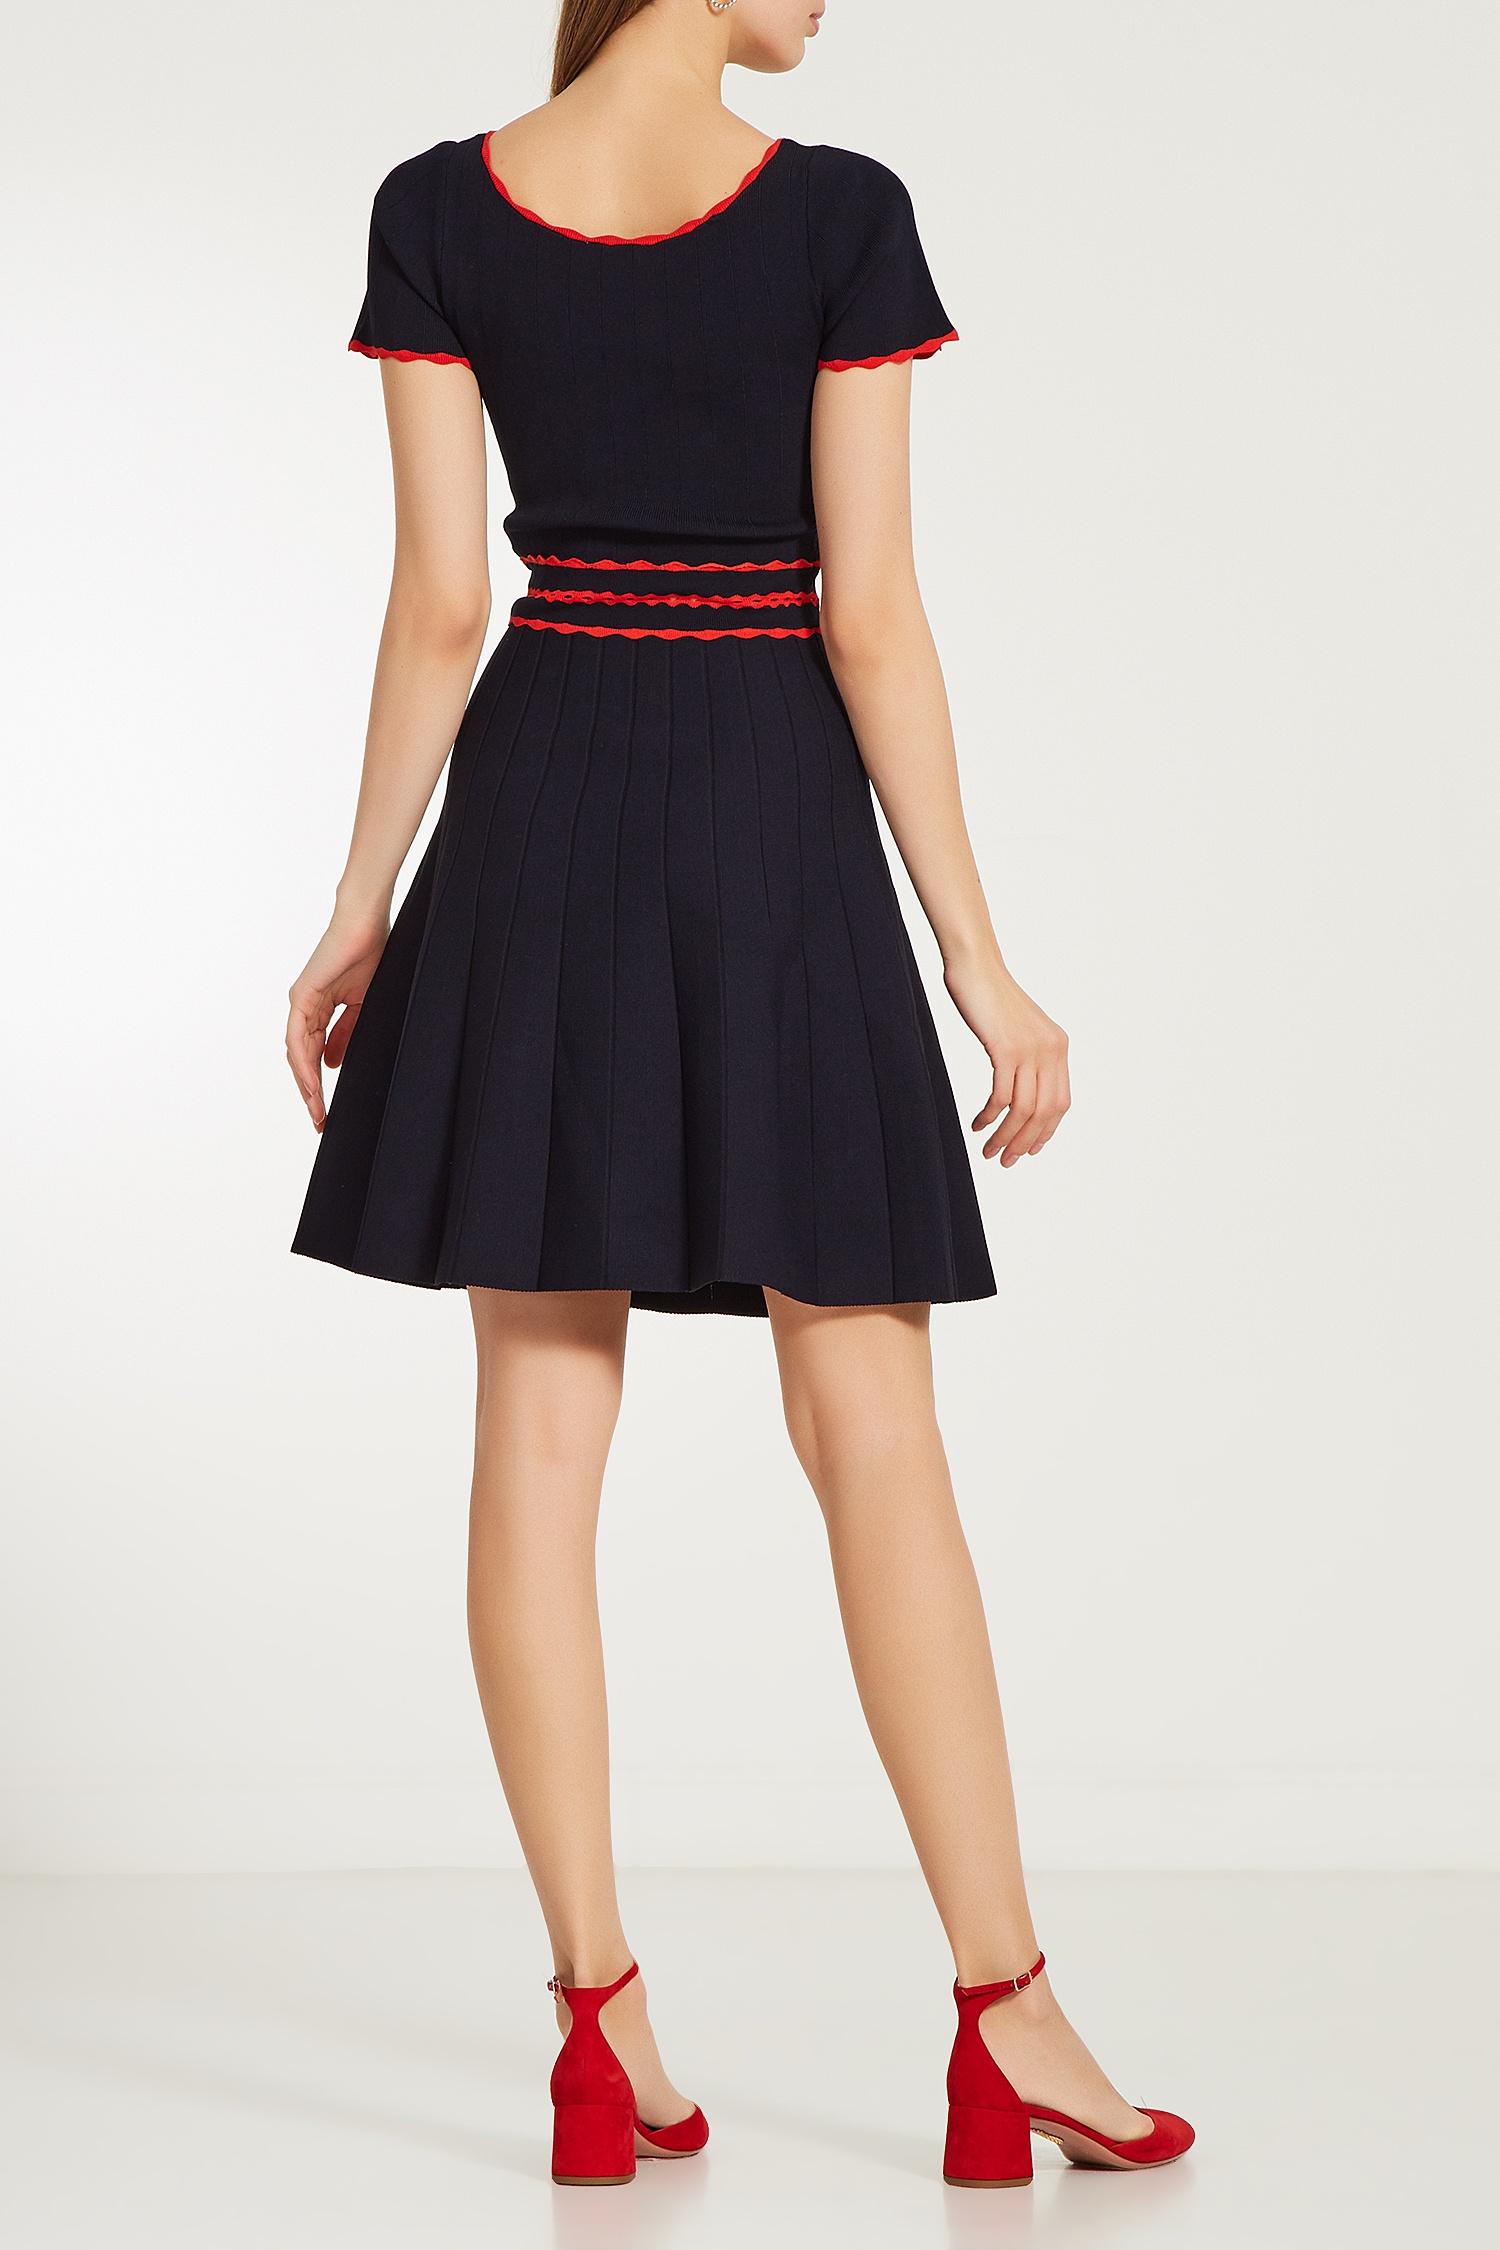 78d0d14b8a9 Платье мини с отделкой тесьмой Enrick Sandro – купить в интернет ...